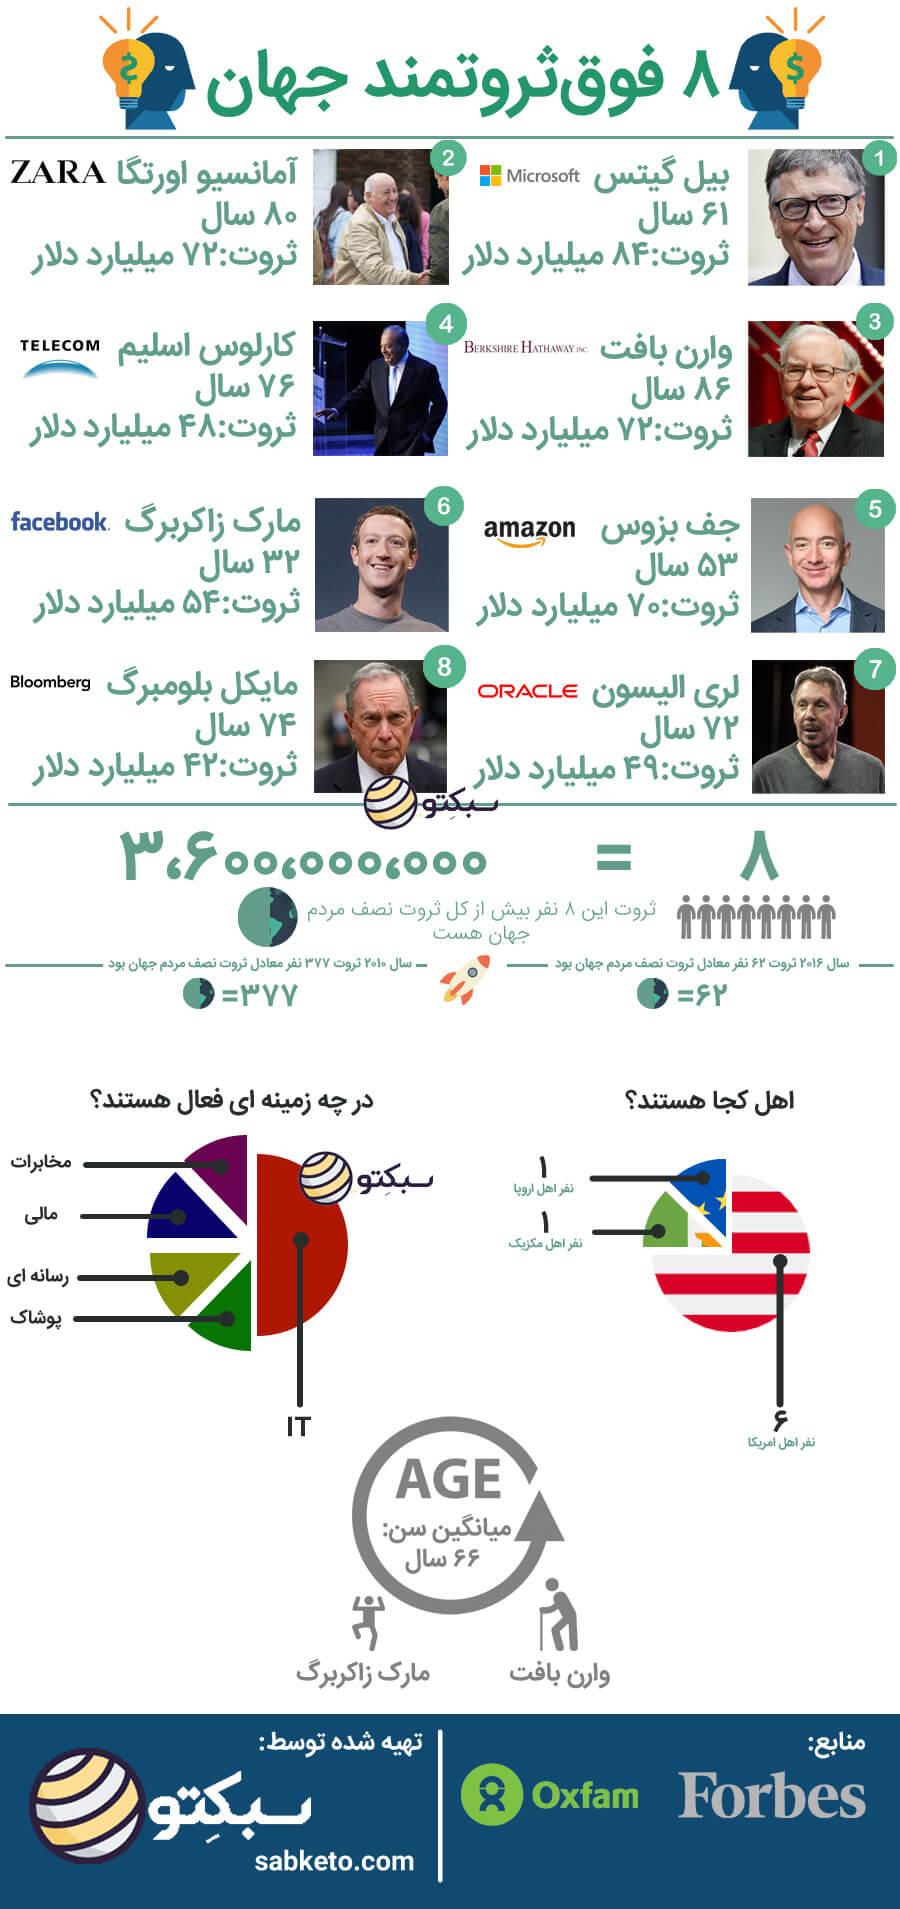 ۸ نفری که ثروت نصف دنیا را دارند [اینفوگرافیک]